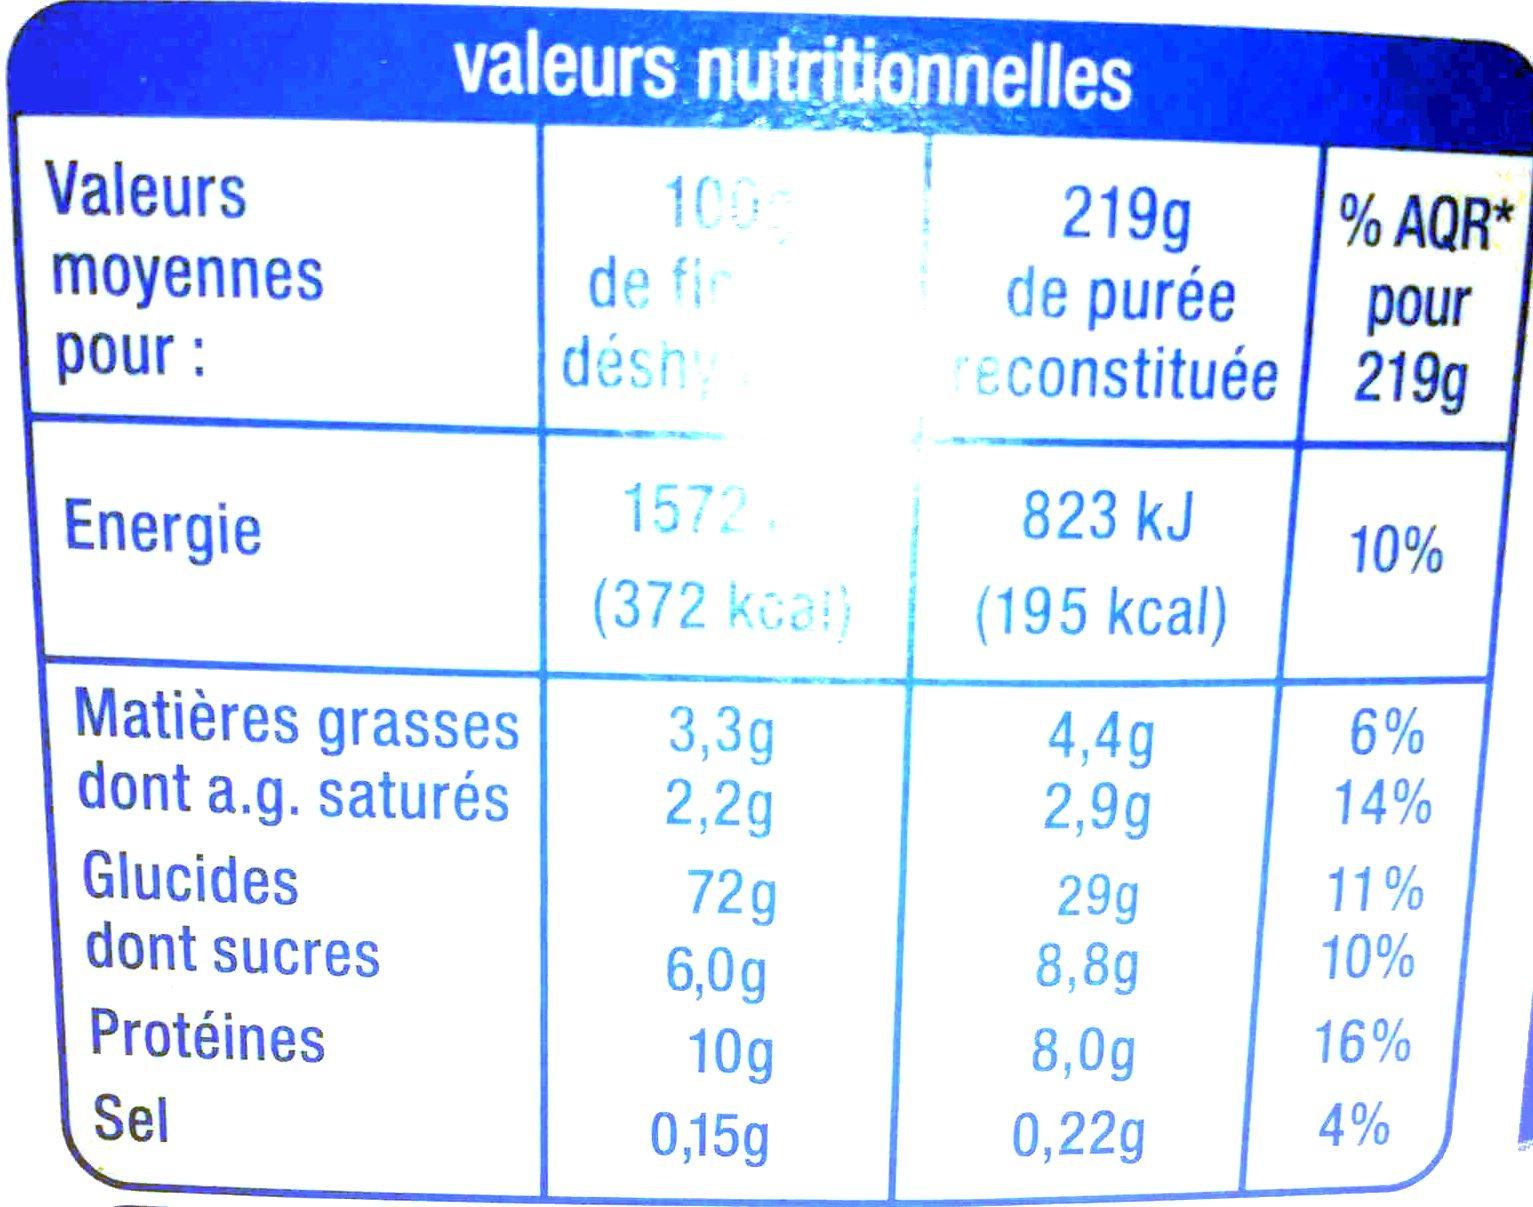 Purée au Lait de Pommes de Terre - Informations nutritionnelles